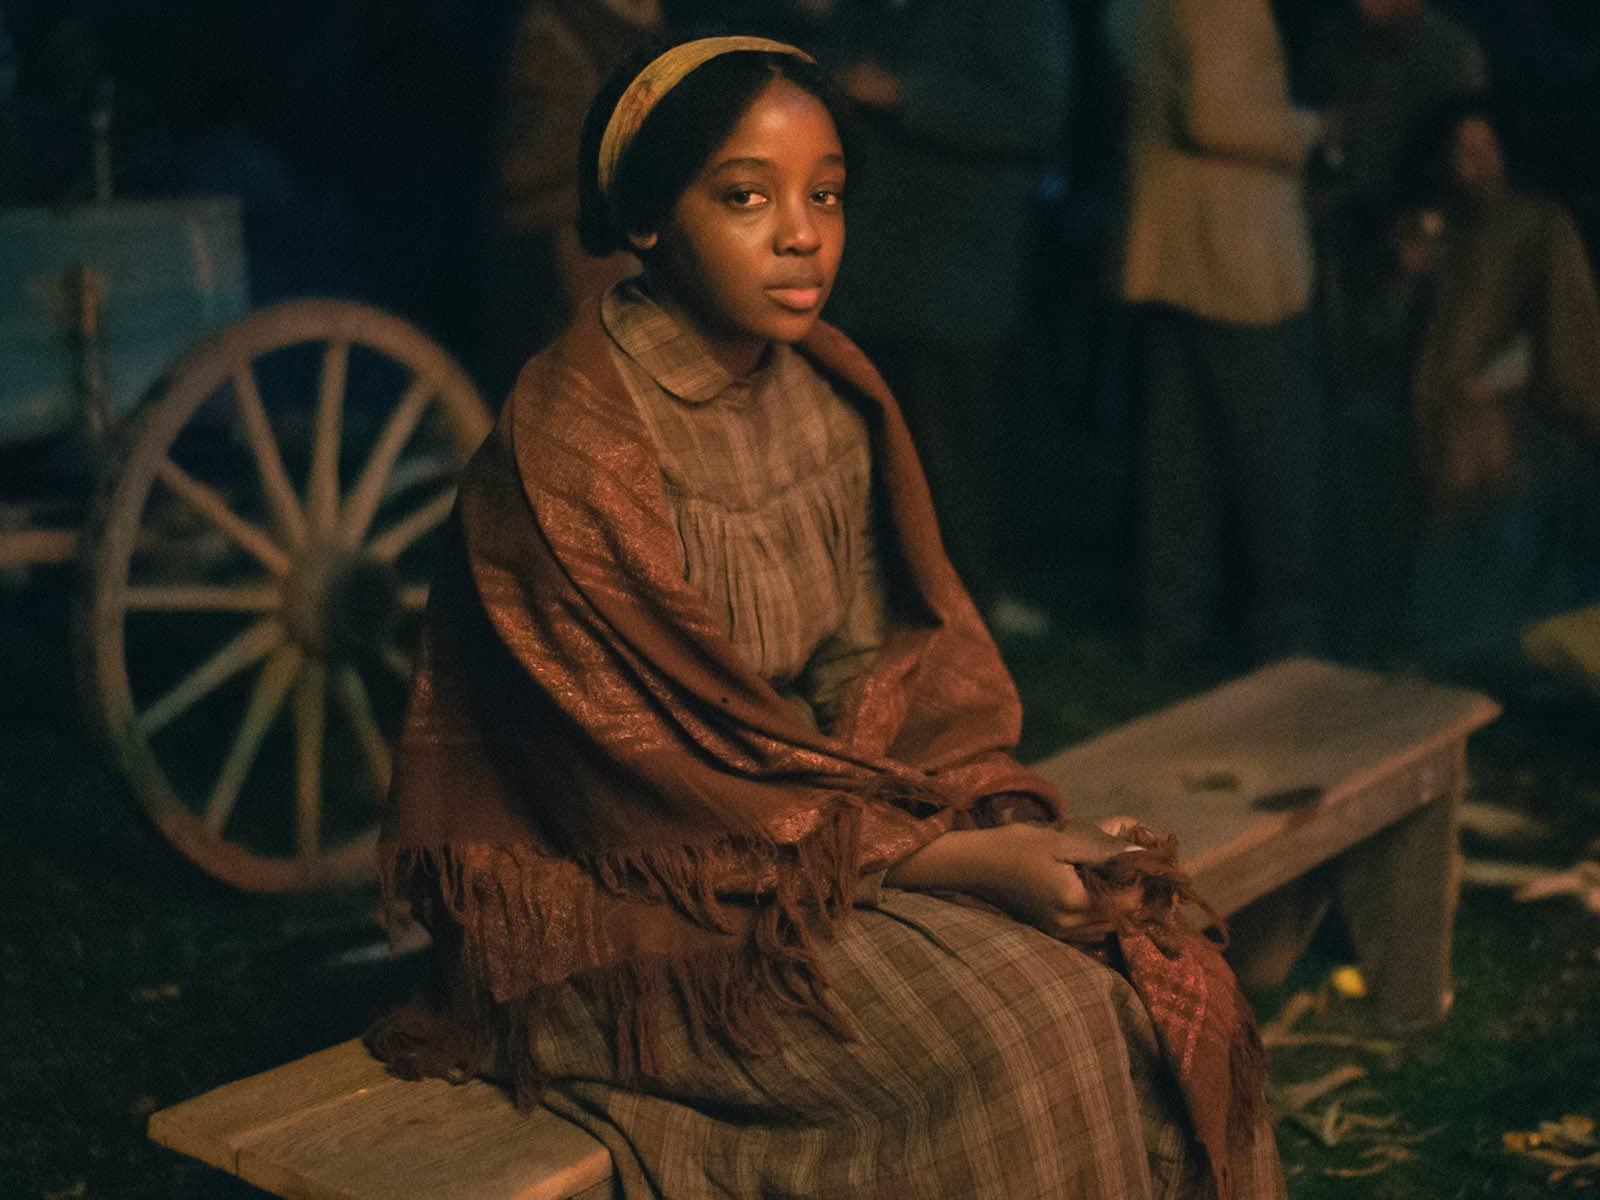 Cena de The Underground Railroad: Os Caminhos Para a Liberdade. A imagem mostra Cora, personagem de Thuso Mbedu, uma jovem negra de cabelos crespos e olhos redondos. A imagem é de uma cena noturna, onde Cora é fotografada quase de corpo inteiro, sentada num banco de madeira, levemente inclinada para a esquerda. Cora encara a câmera com neutralidade na expressão. Cora usa um vestido longo de estampa xadrez marrom e um xale com estampa de xadrez vermelho amarronzado. Cora também usa uma tiara amarela e seus cabelos estão presos para trás. Cora segura as pontas do xale em cima do colo com firmeza. Atrás de cora, levemente desfocado, pode-se observar as rodas e parte de uma carroça azul e outras pessoas de pé bebendo. O rosto de Cora reflete uma luz alaranjada, de fogo, e no chão de grama verde, existem folhas secas.